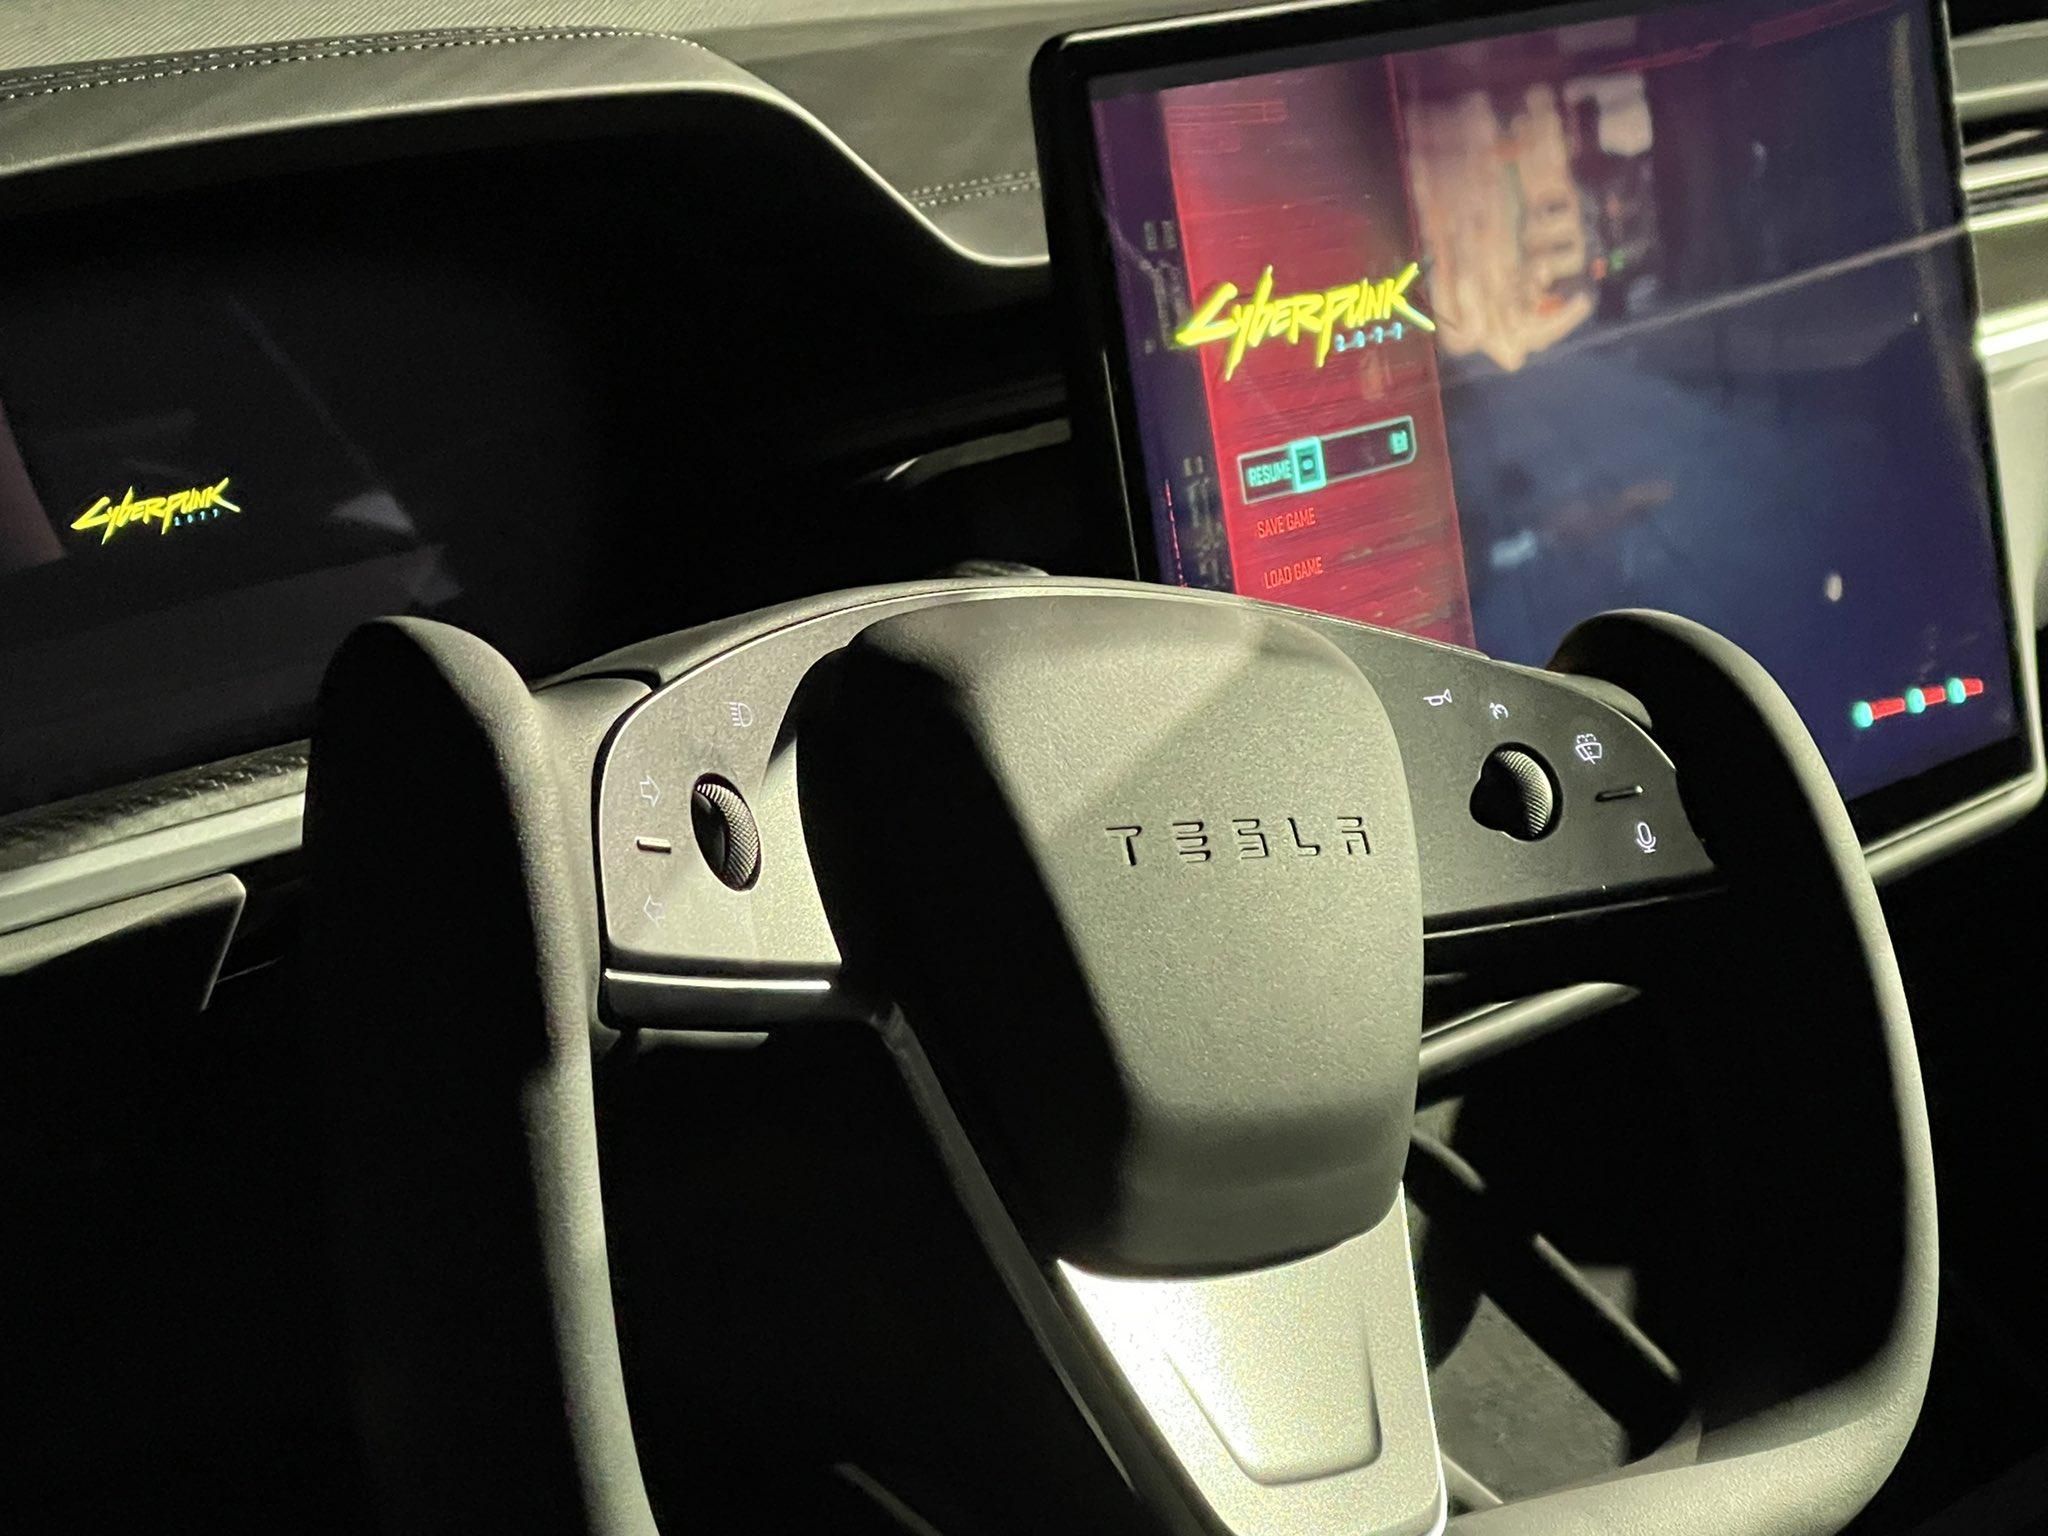 Tesla ra mắt mẫu xe Model S Plaid hiệu năng cao, tốc độ siêu nhanh, mạnh ngang PS5, giá bán từ 131.100 USD - Ảnh 7.